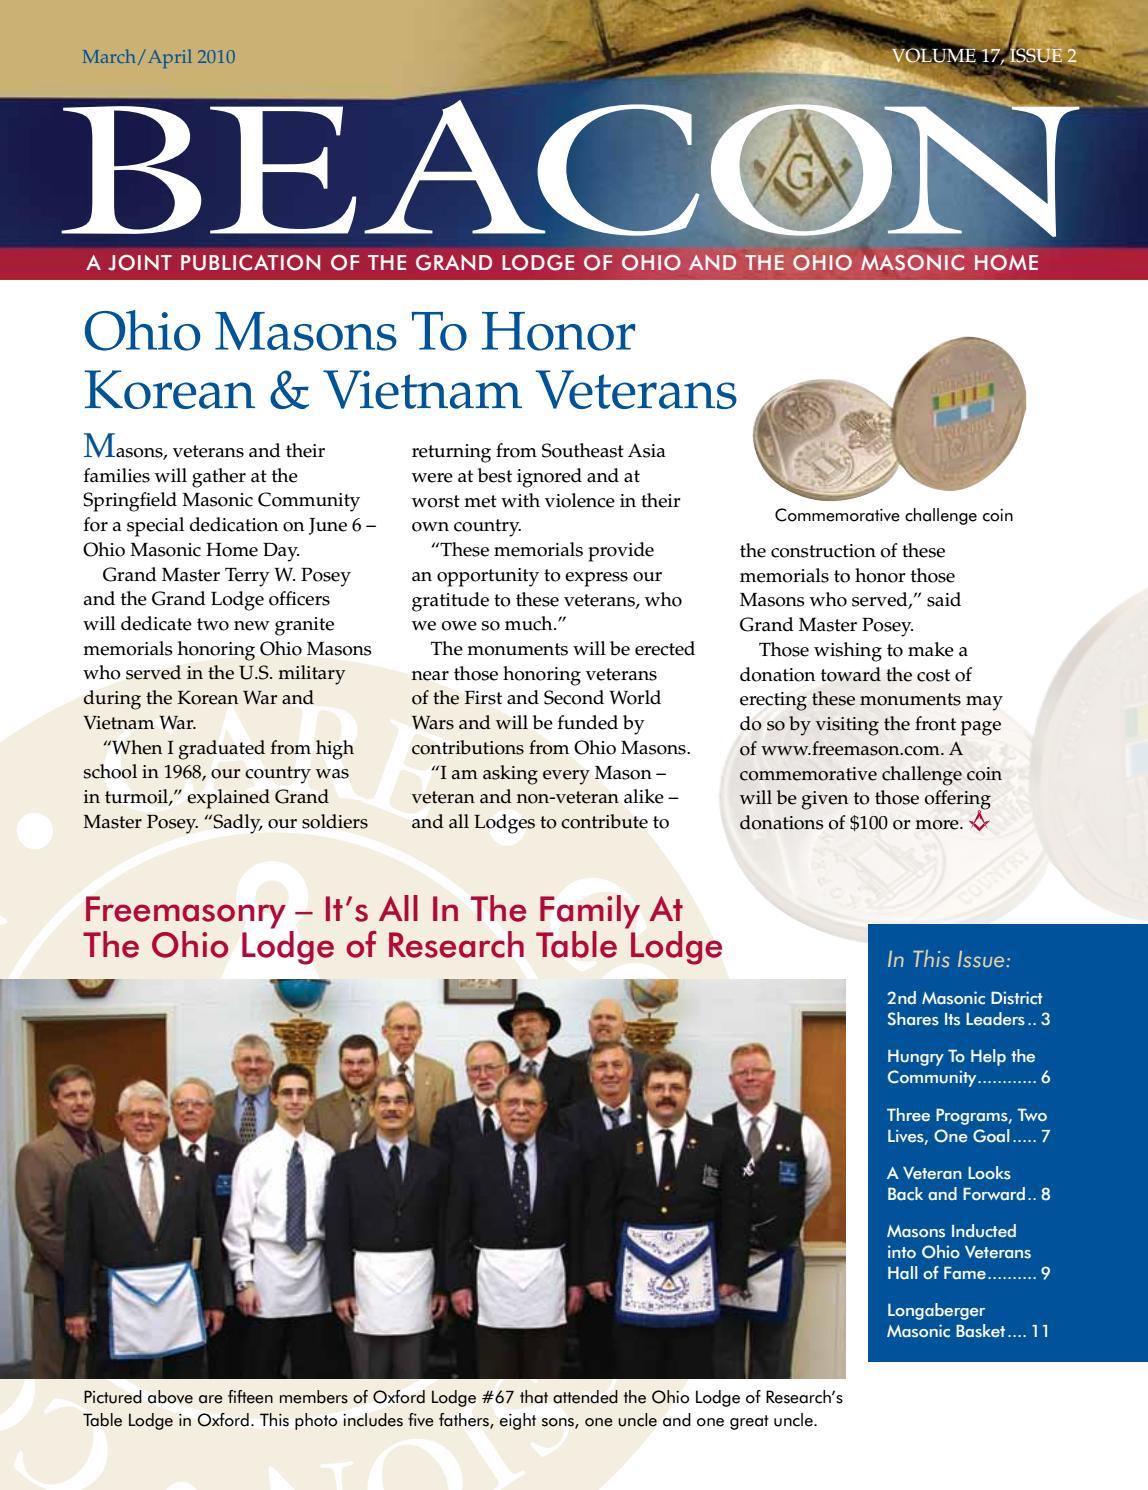 Beacon 3 2010 5 by Ohio Masonic Home - issuu